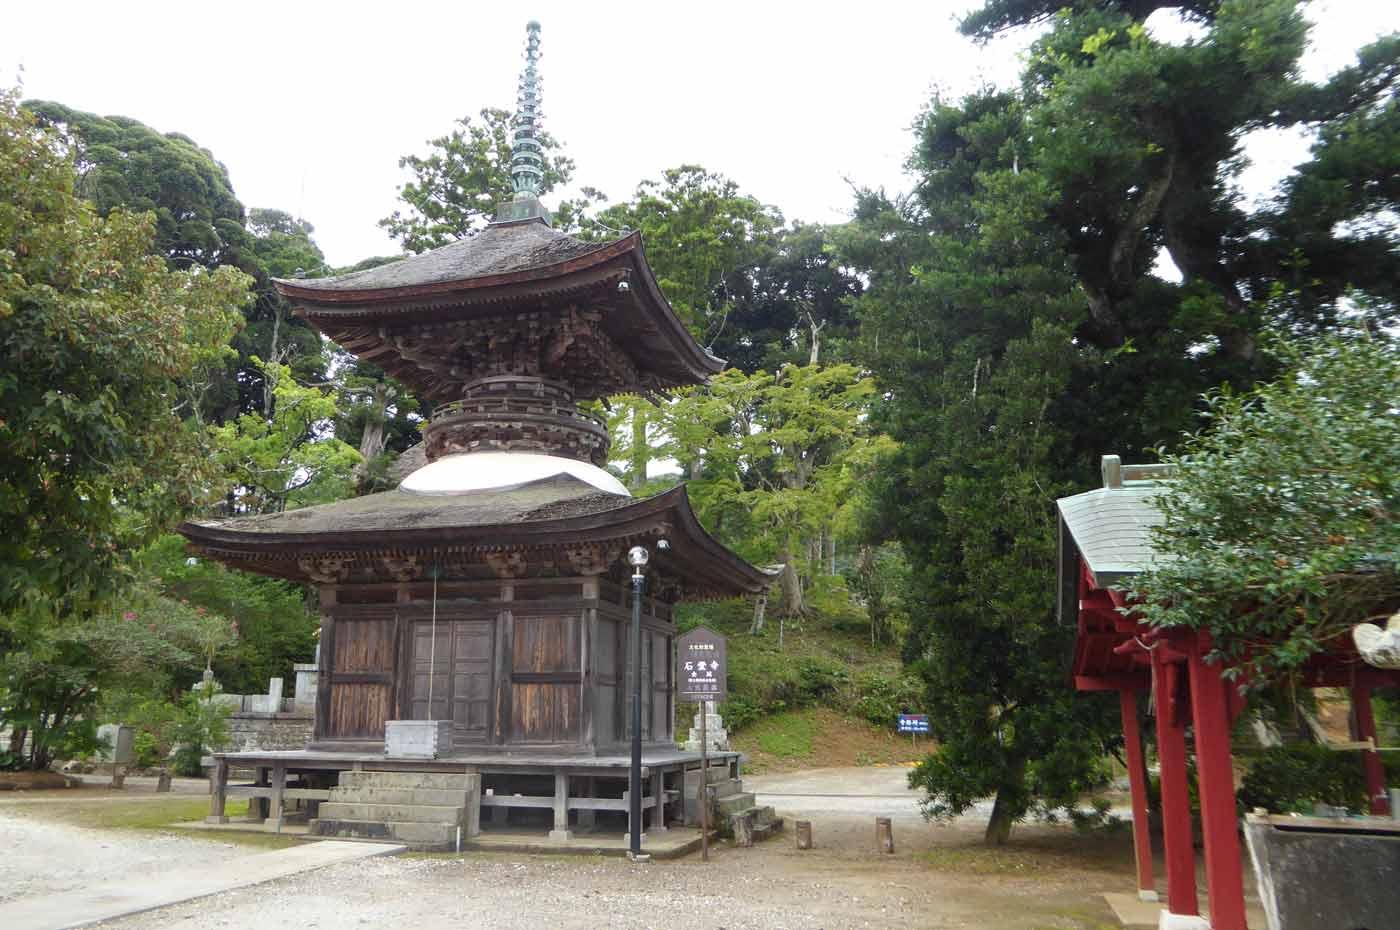 石堂寺多宝塔(国指定重要文化財)の画像